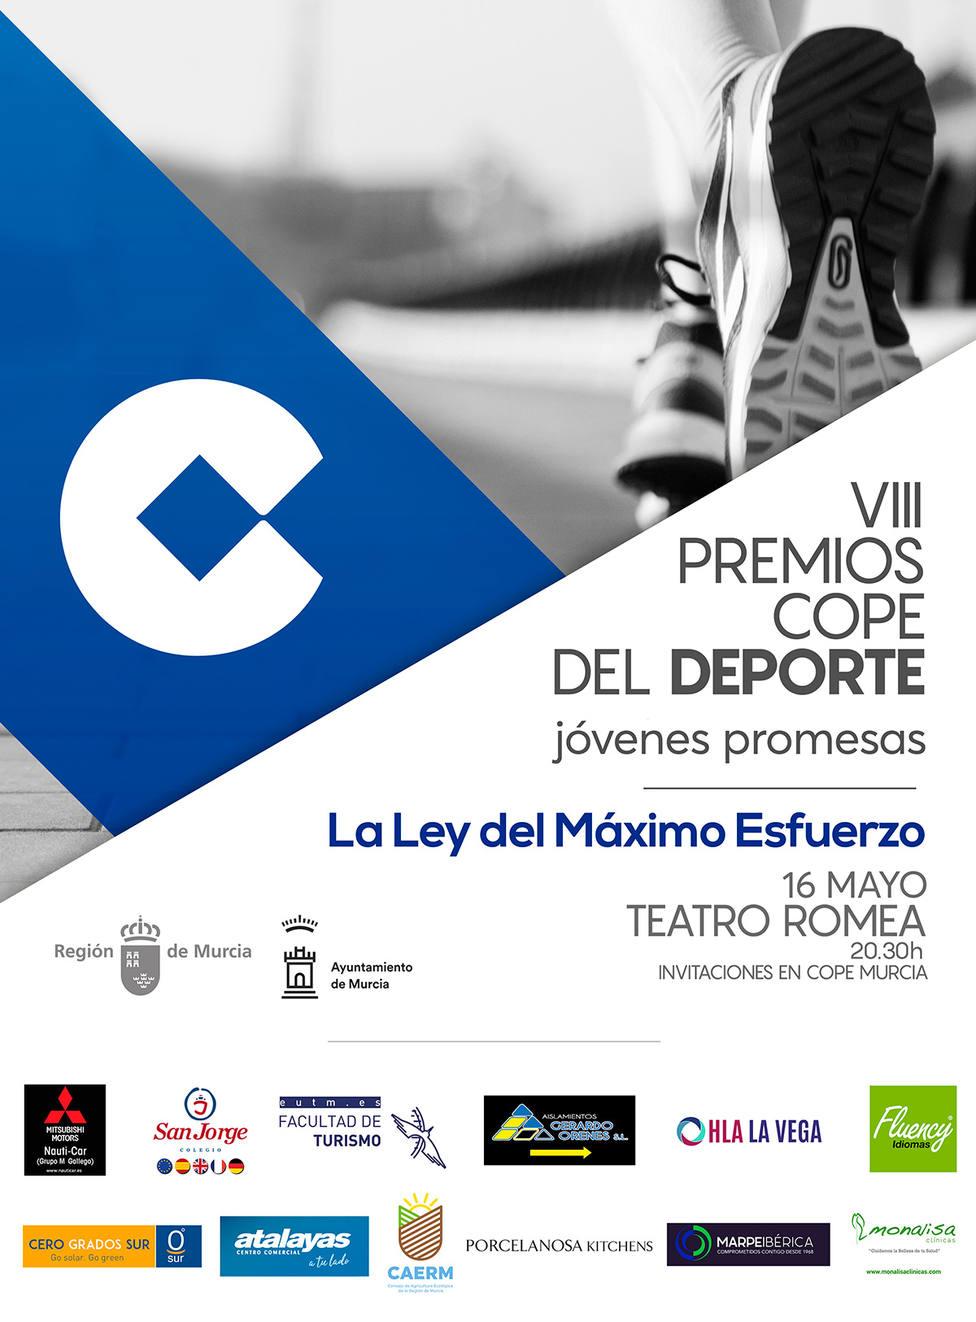 VIII Premios COPE del Deporte, Jóvenes Promesas